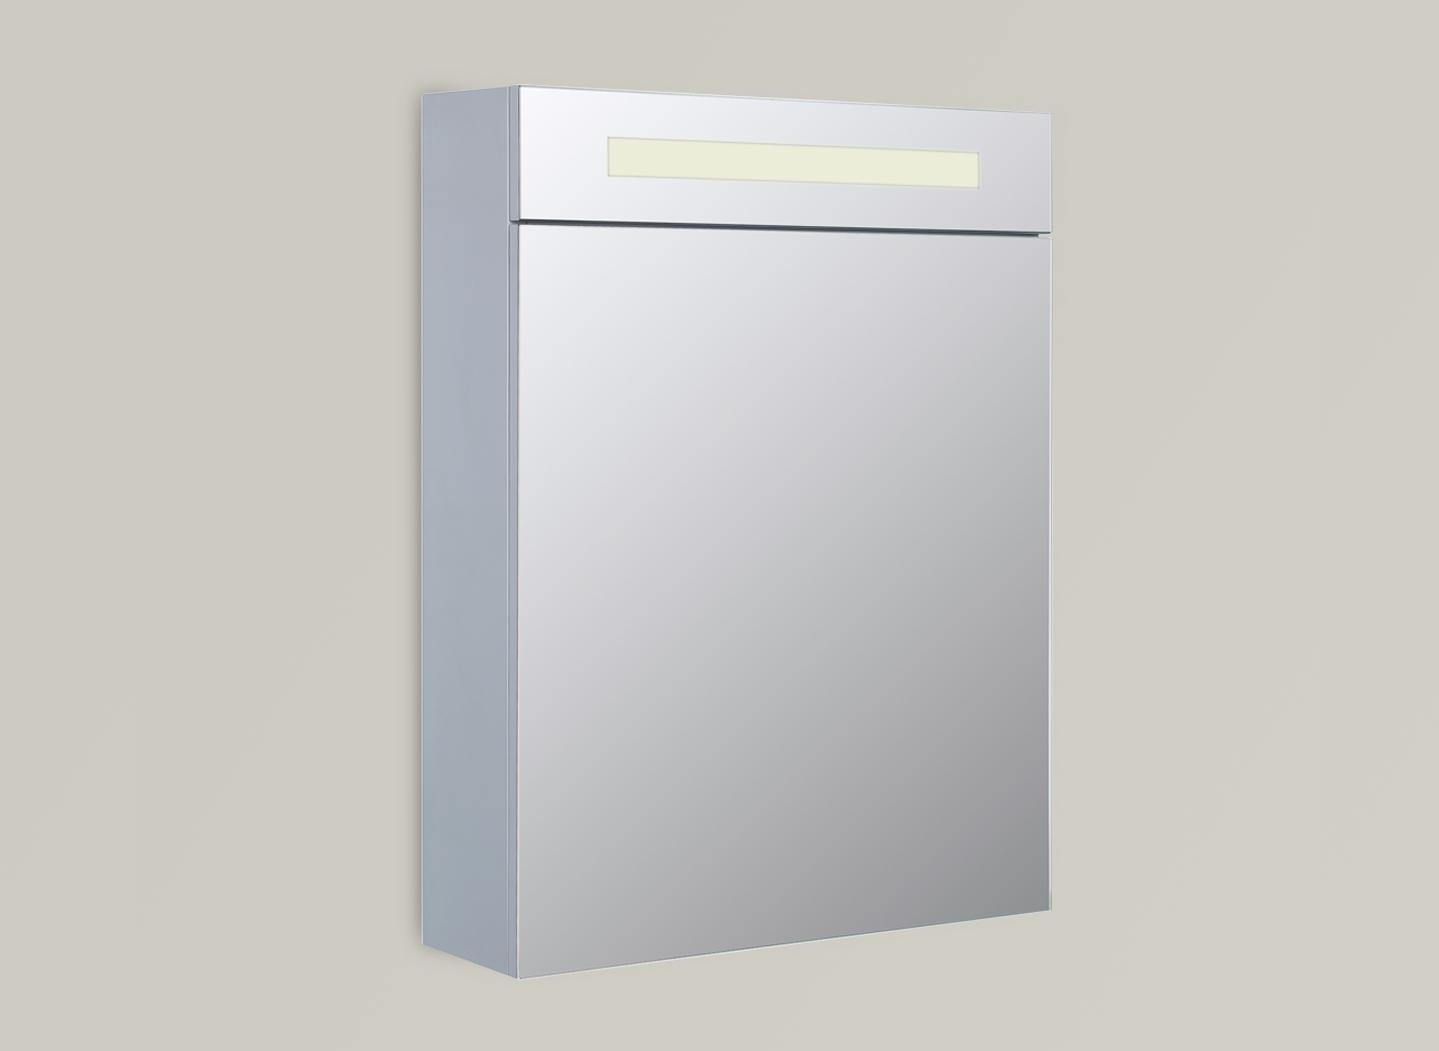 Ducta 500x150x660 mm